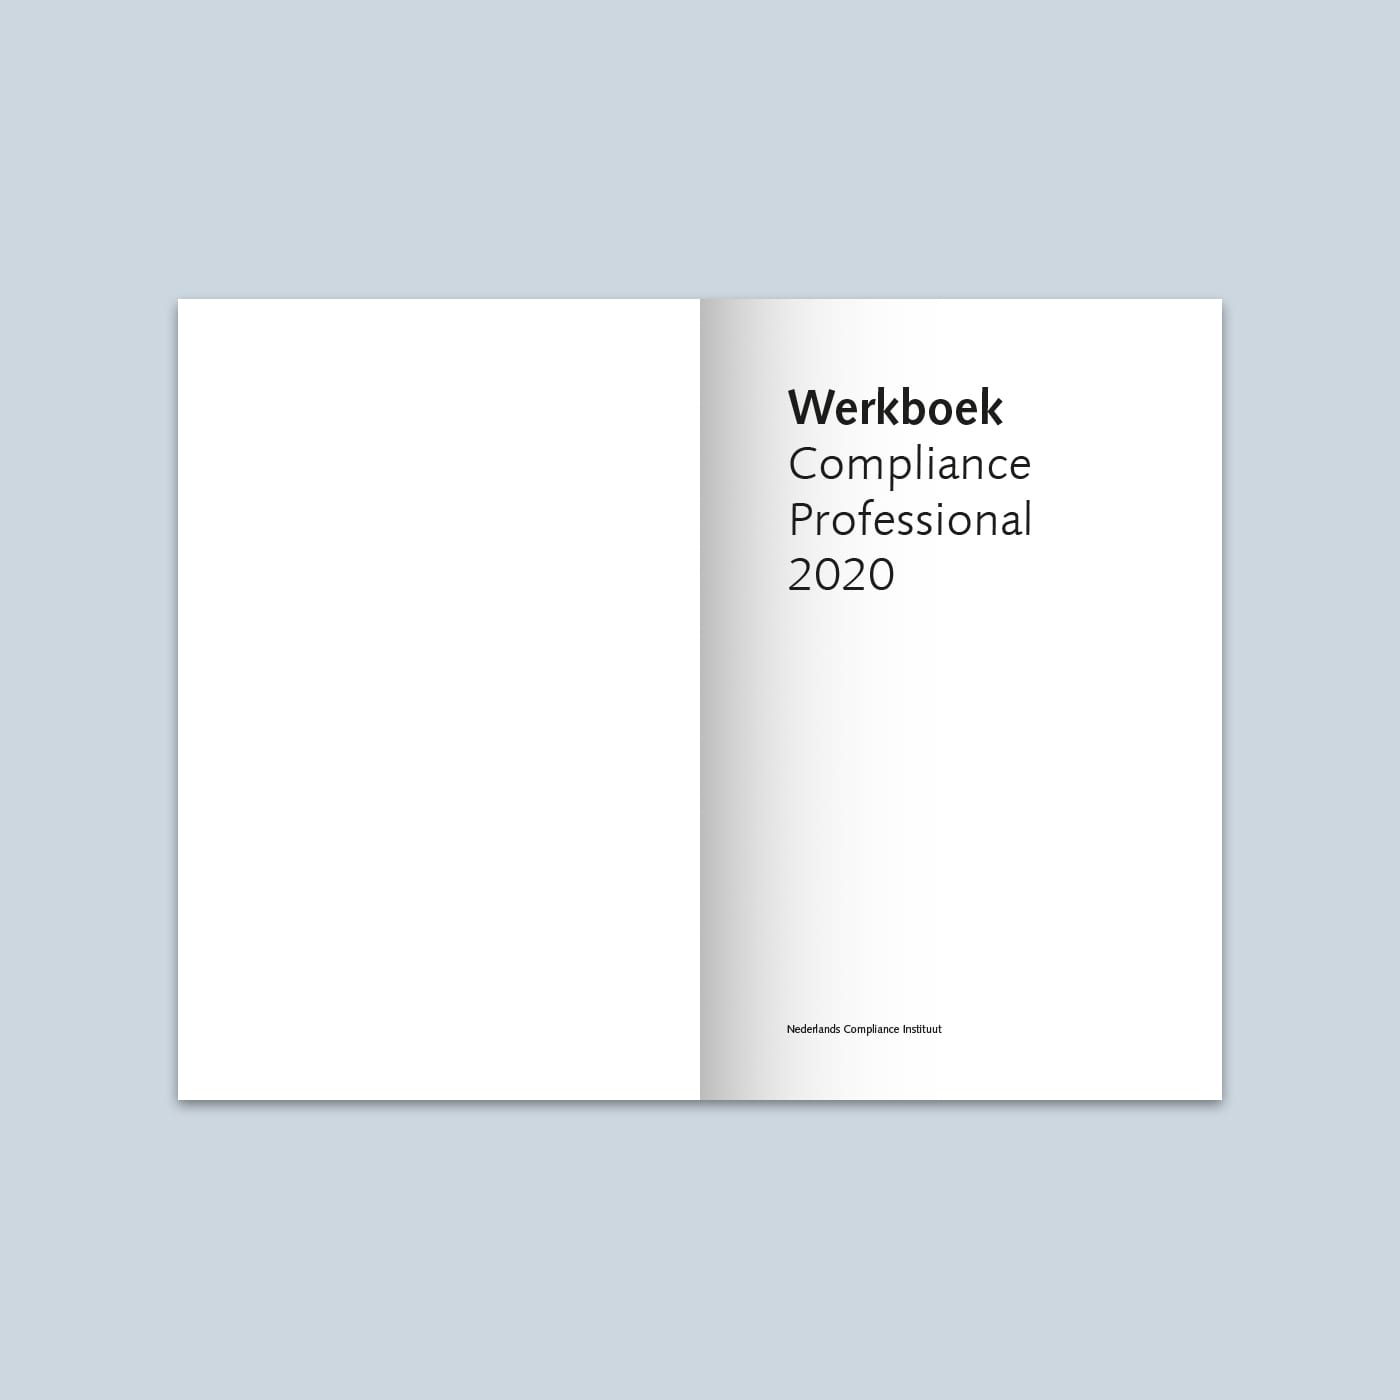 Werkboek Compliance Professional 2020 binnenwerk 1